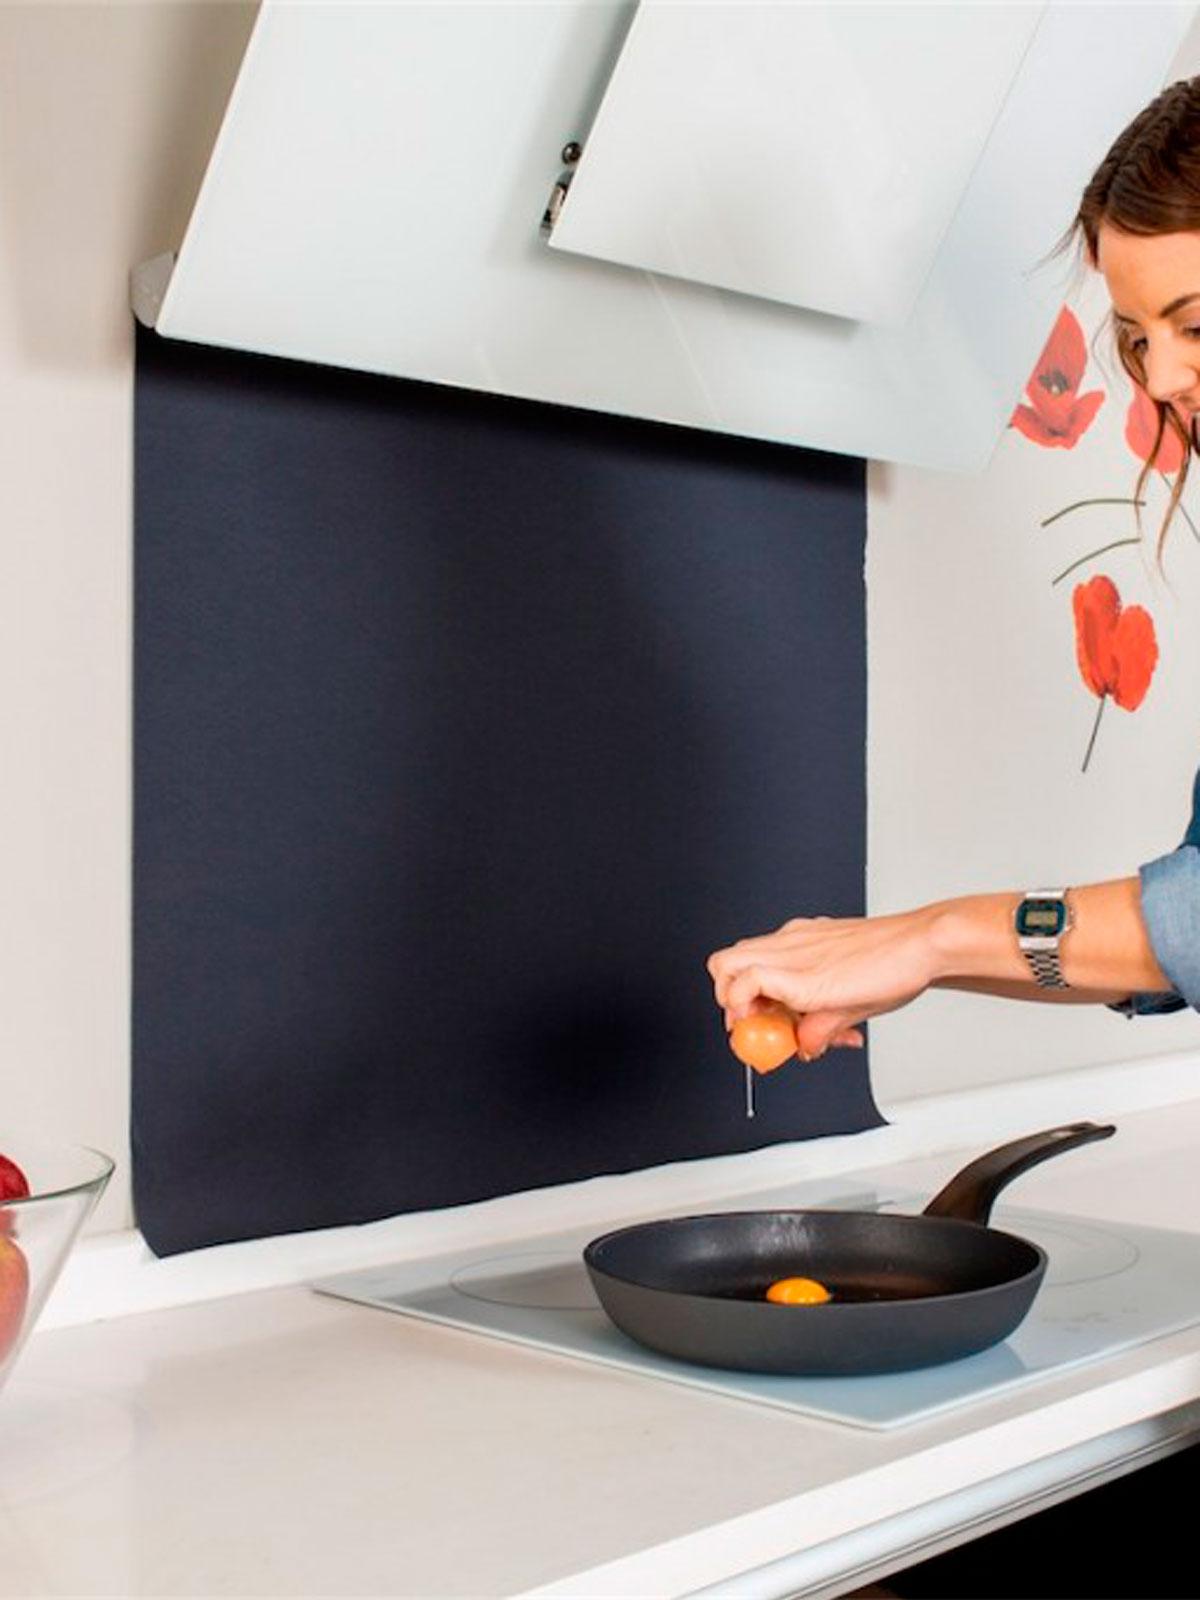 Protector contra salpicadoras cocina Protesalpic | Menajeando